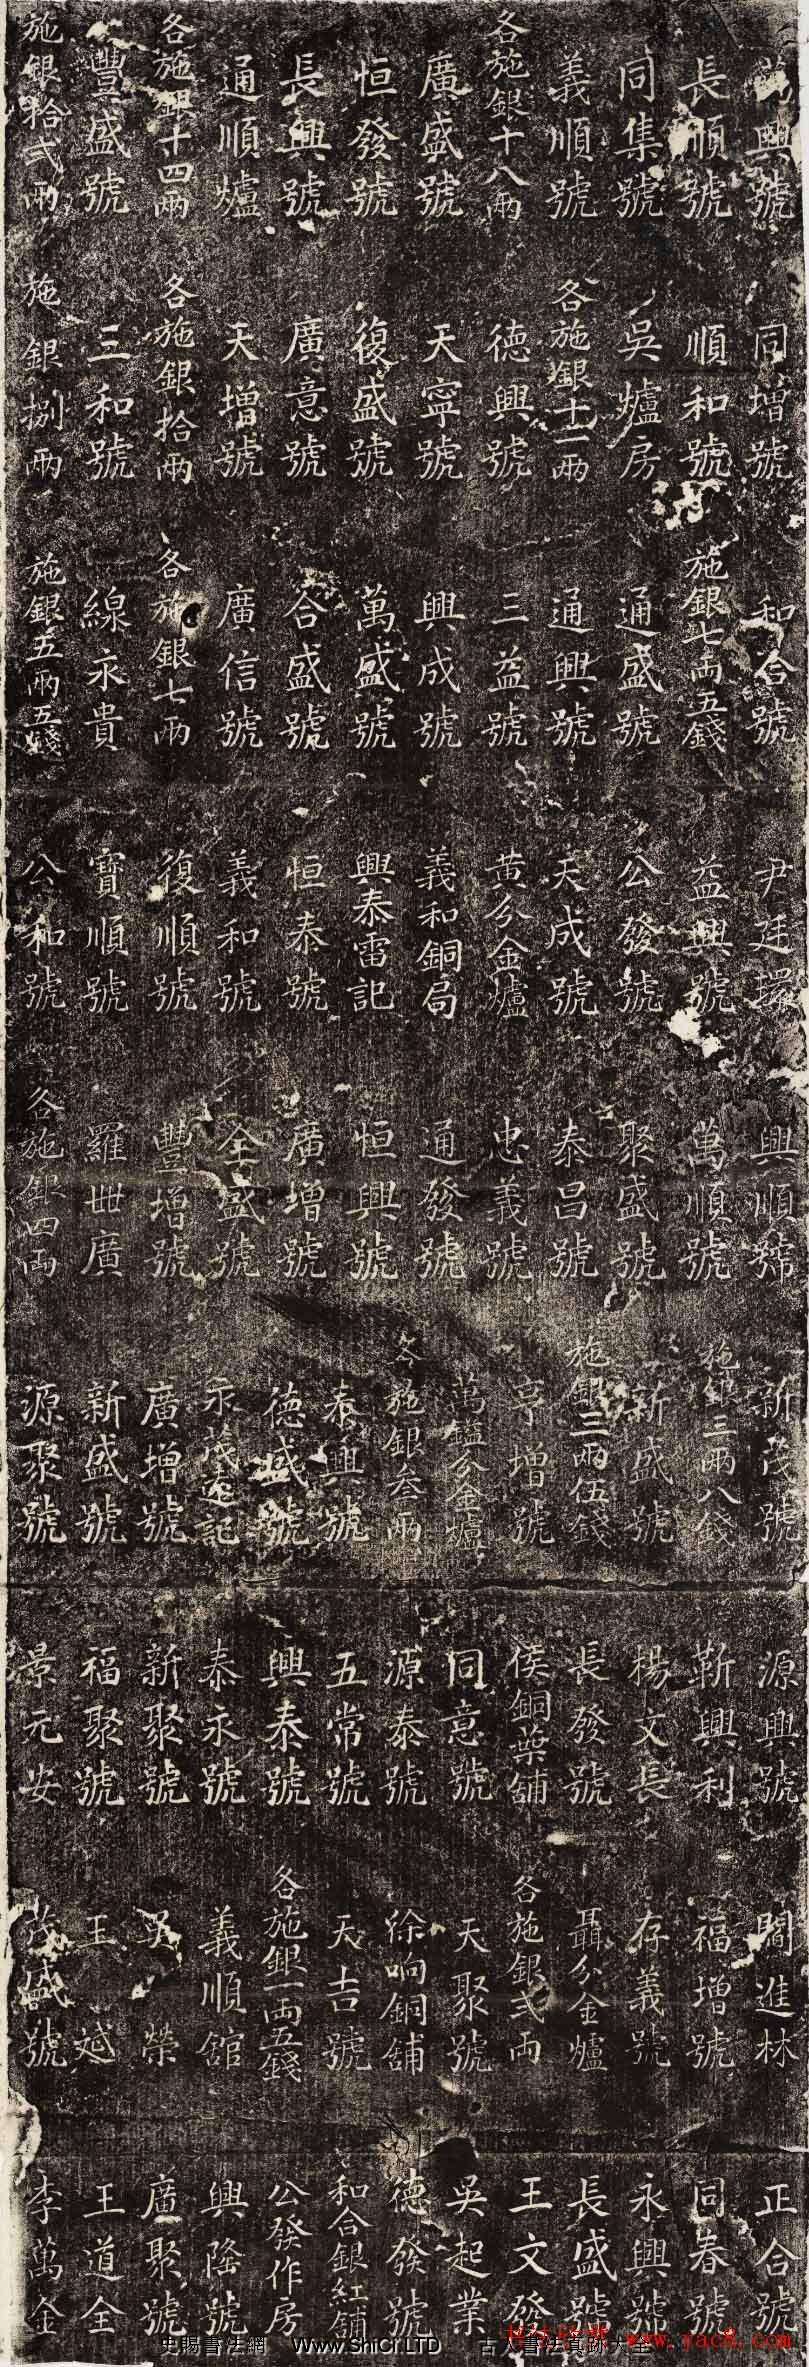 靳天鳳書《老君堂泥石磚窯建立碑文》